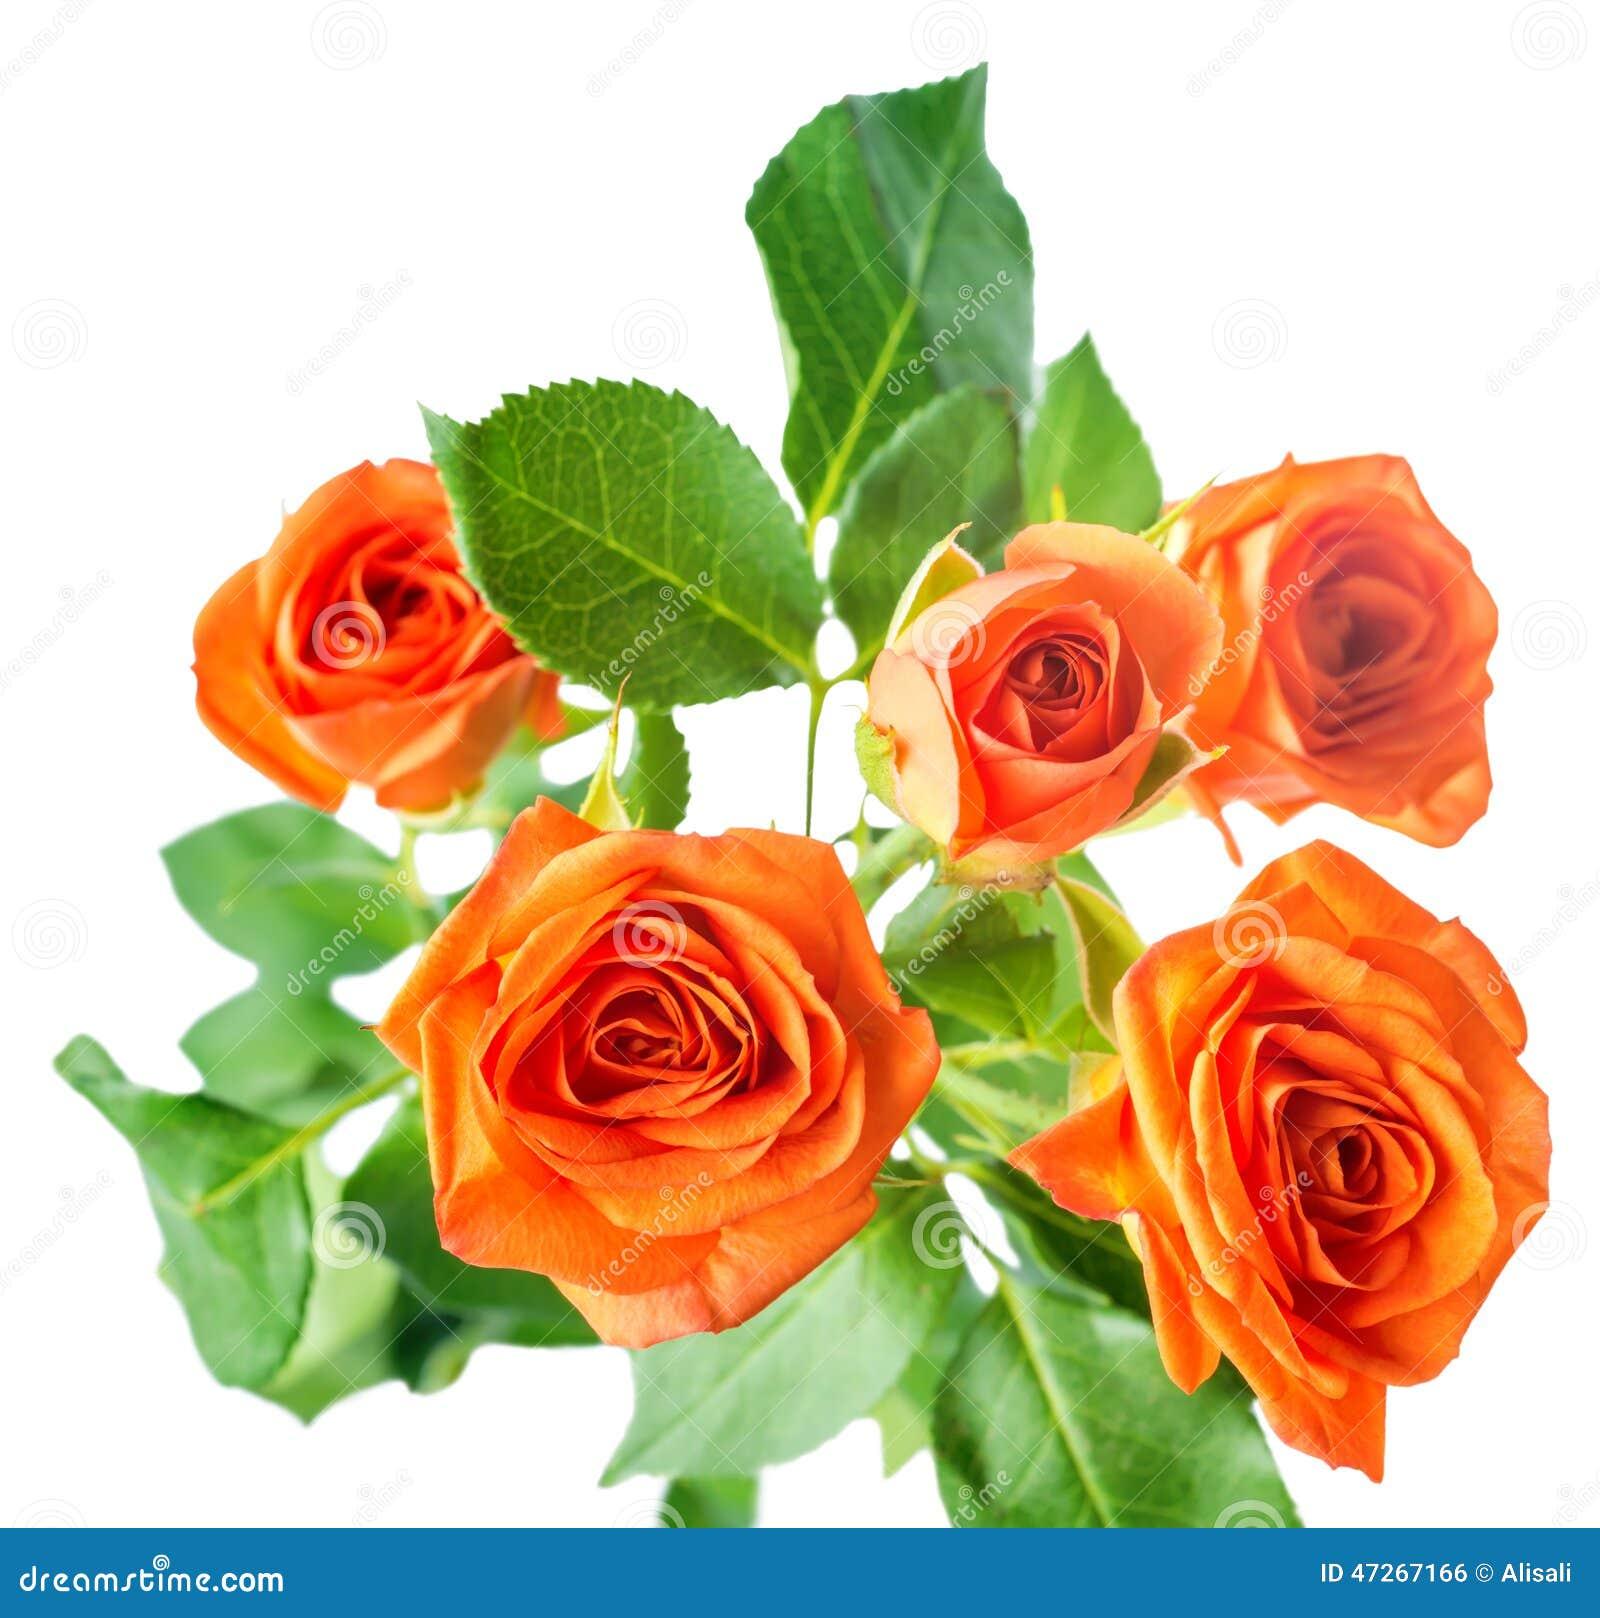 Hoja de Rose foto de archivo. Imagen de rose, solo, fondos - 41743142